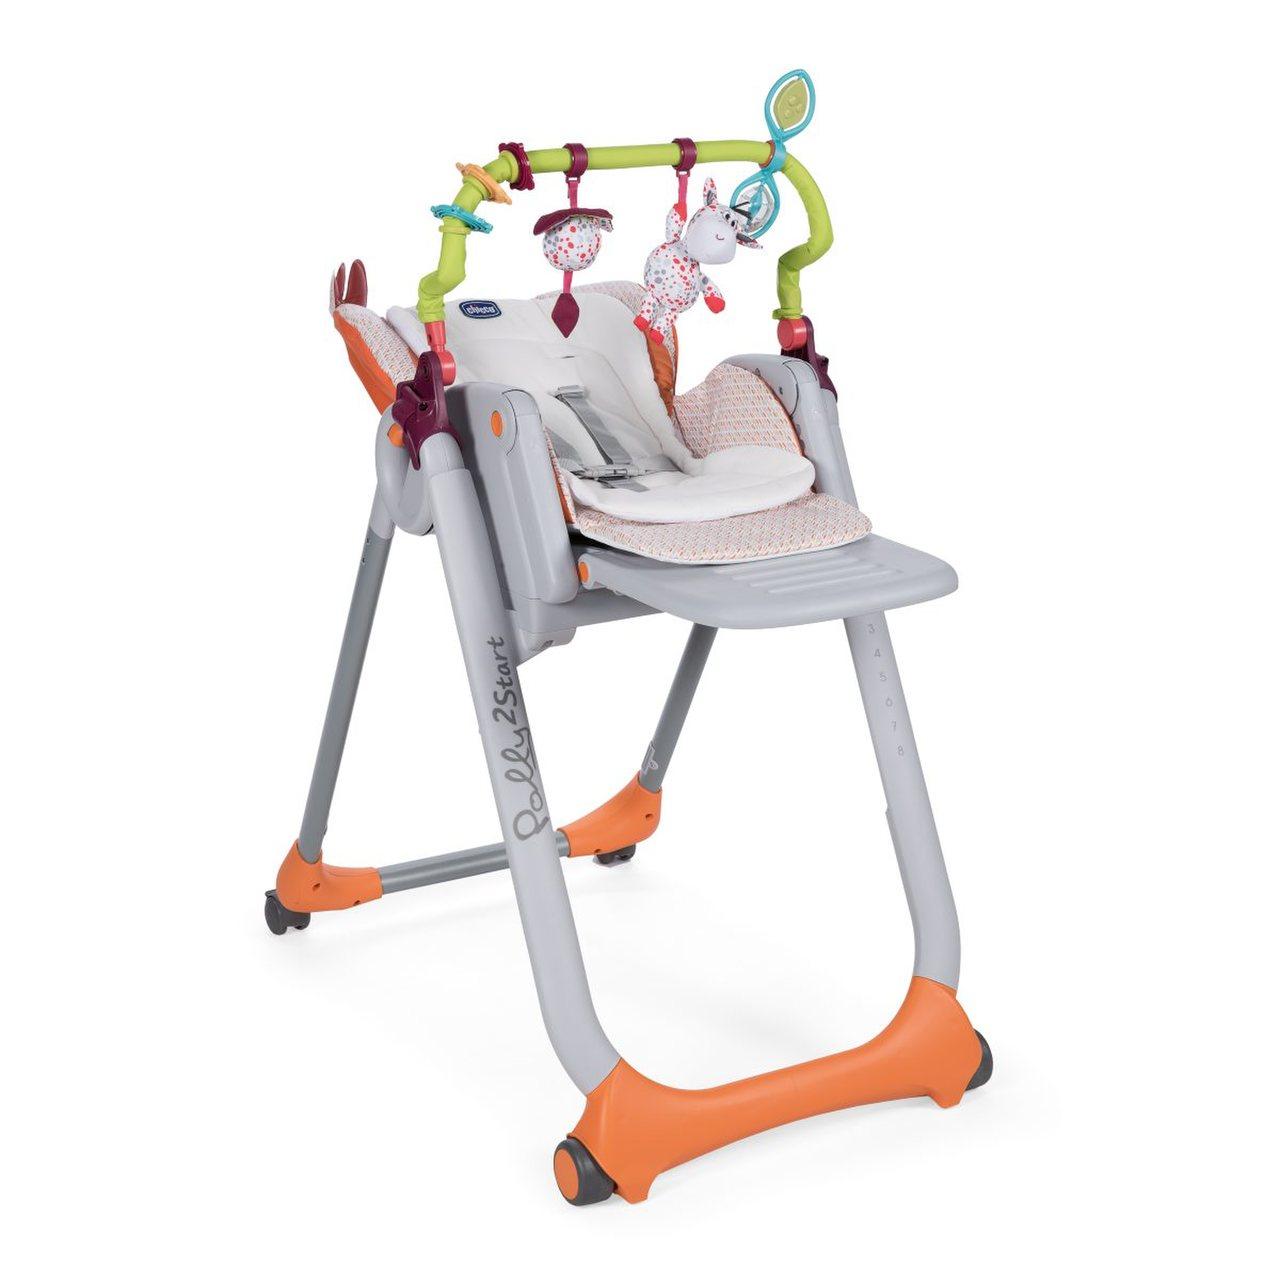 Набор Chicco для стульчиков Polly Progres5